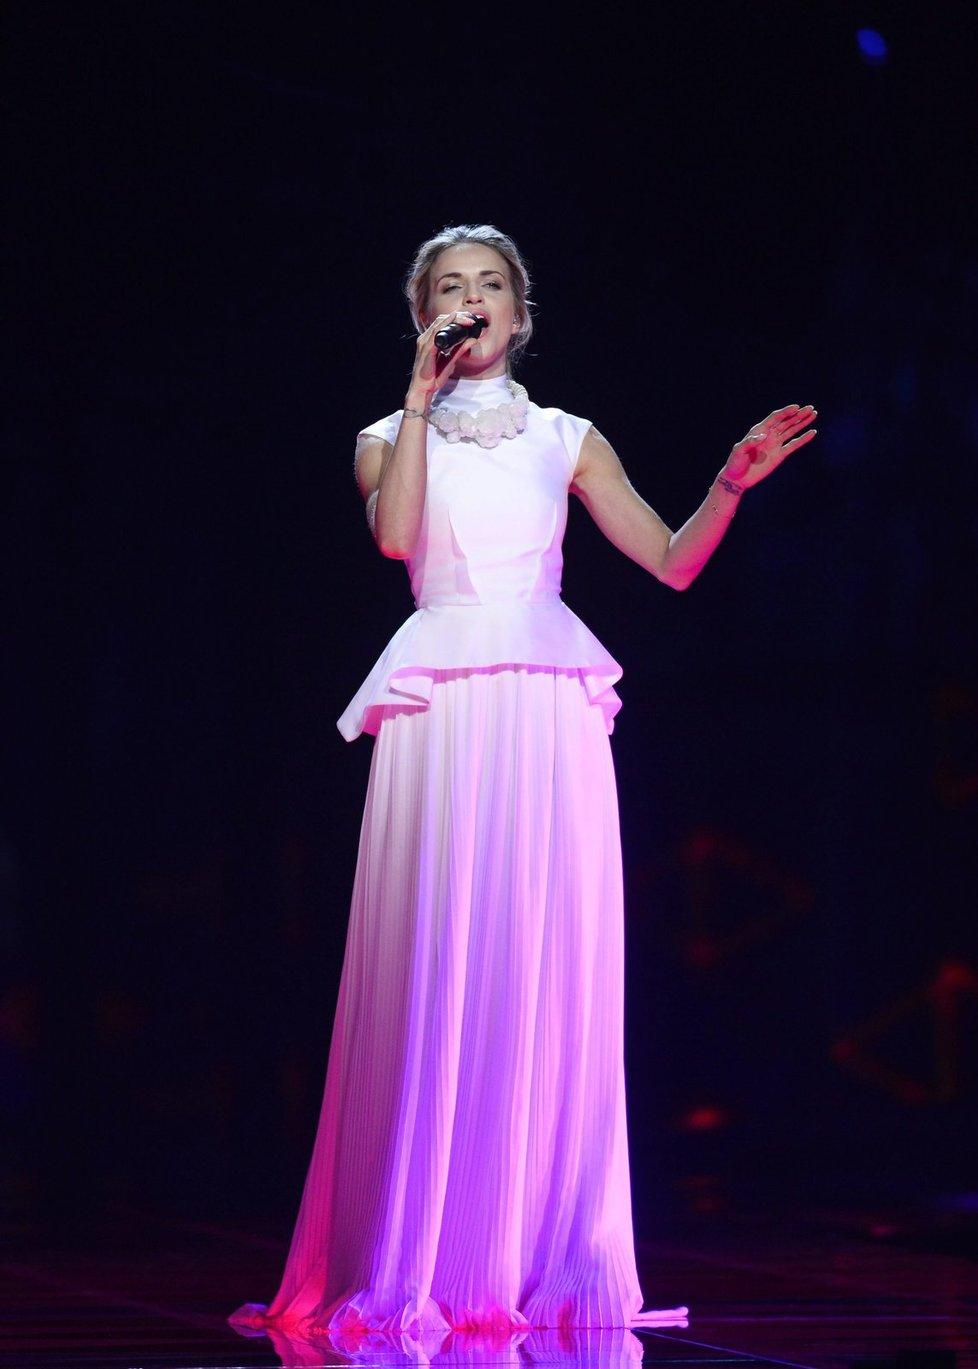 Na soutěž si zpěvačka záměrně vybrala takové šaty, aby v nich nebyla provokativní